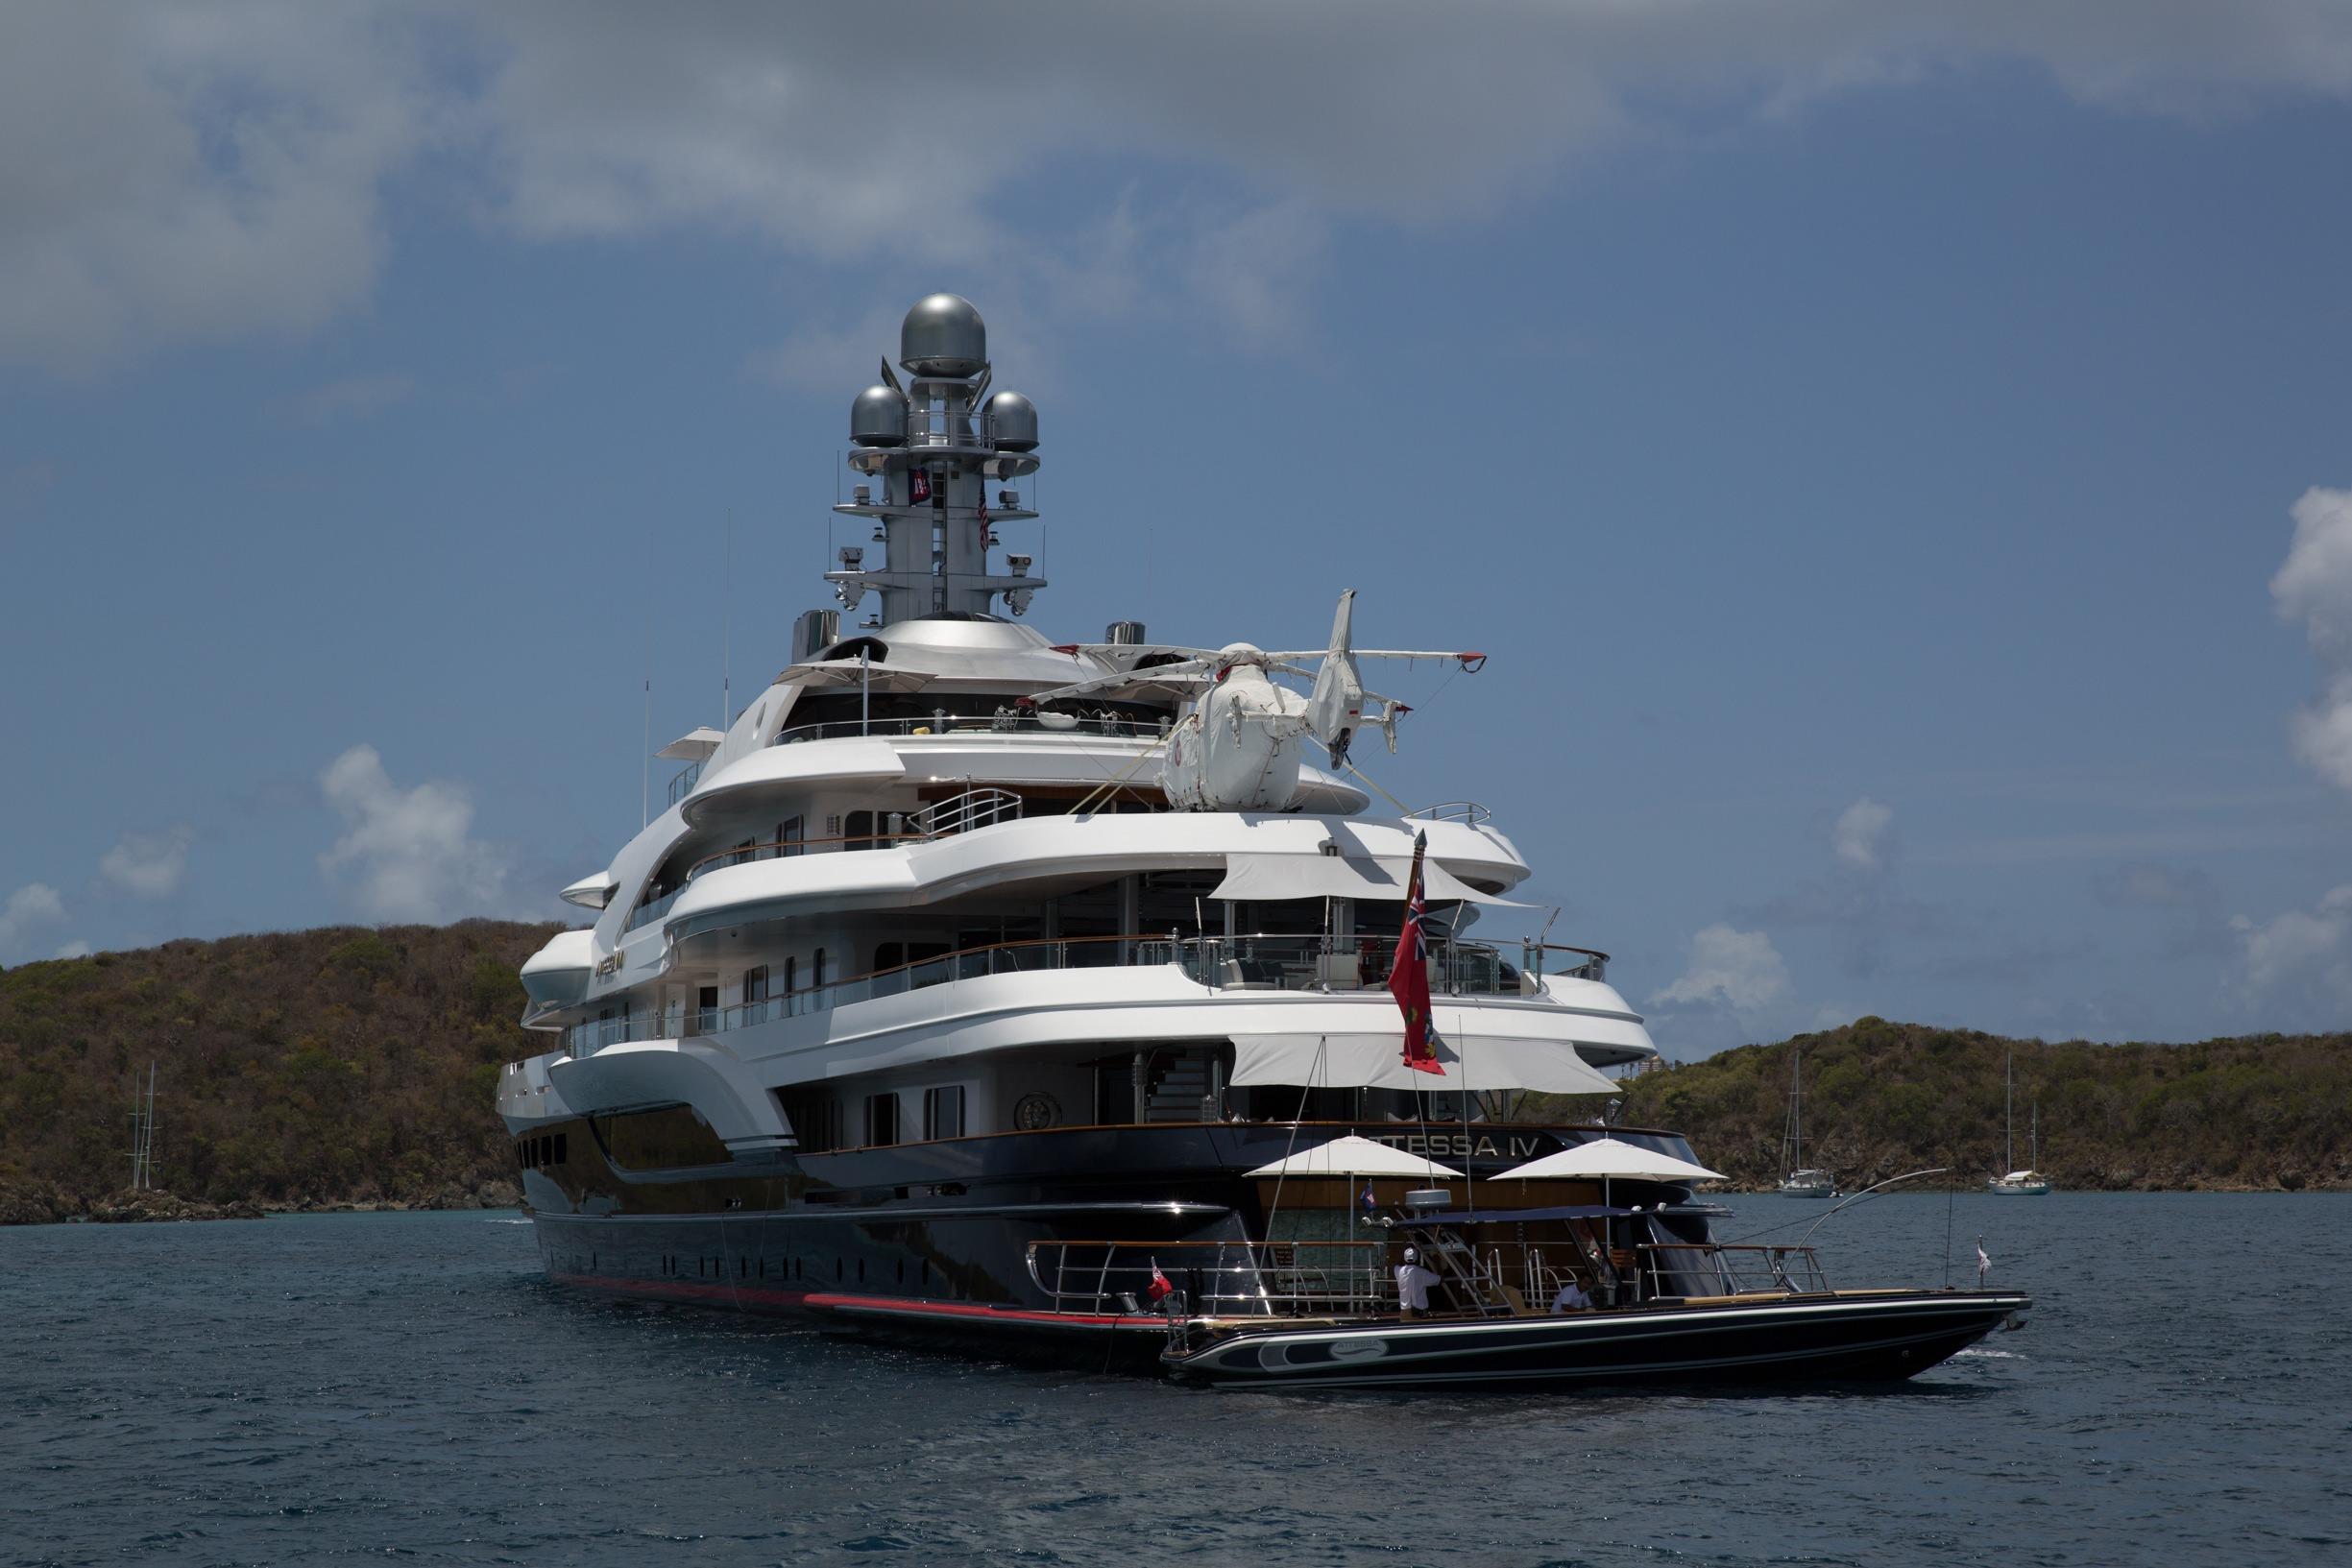 Superyacht Attessa Iv